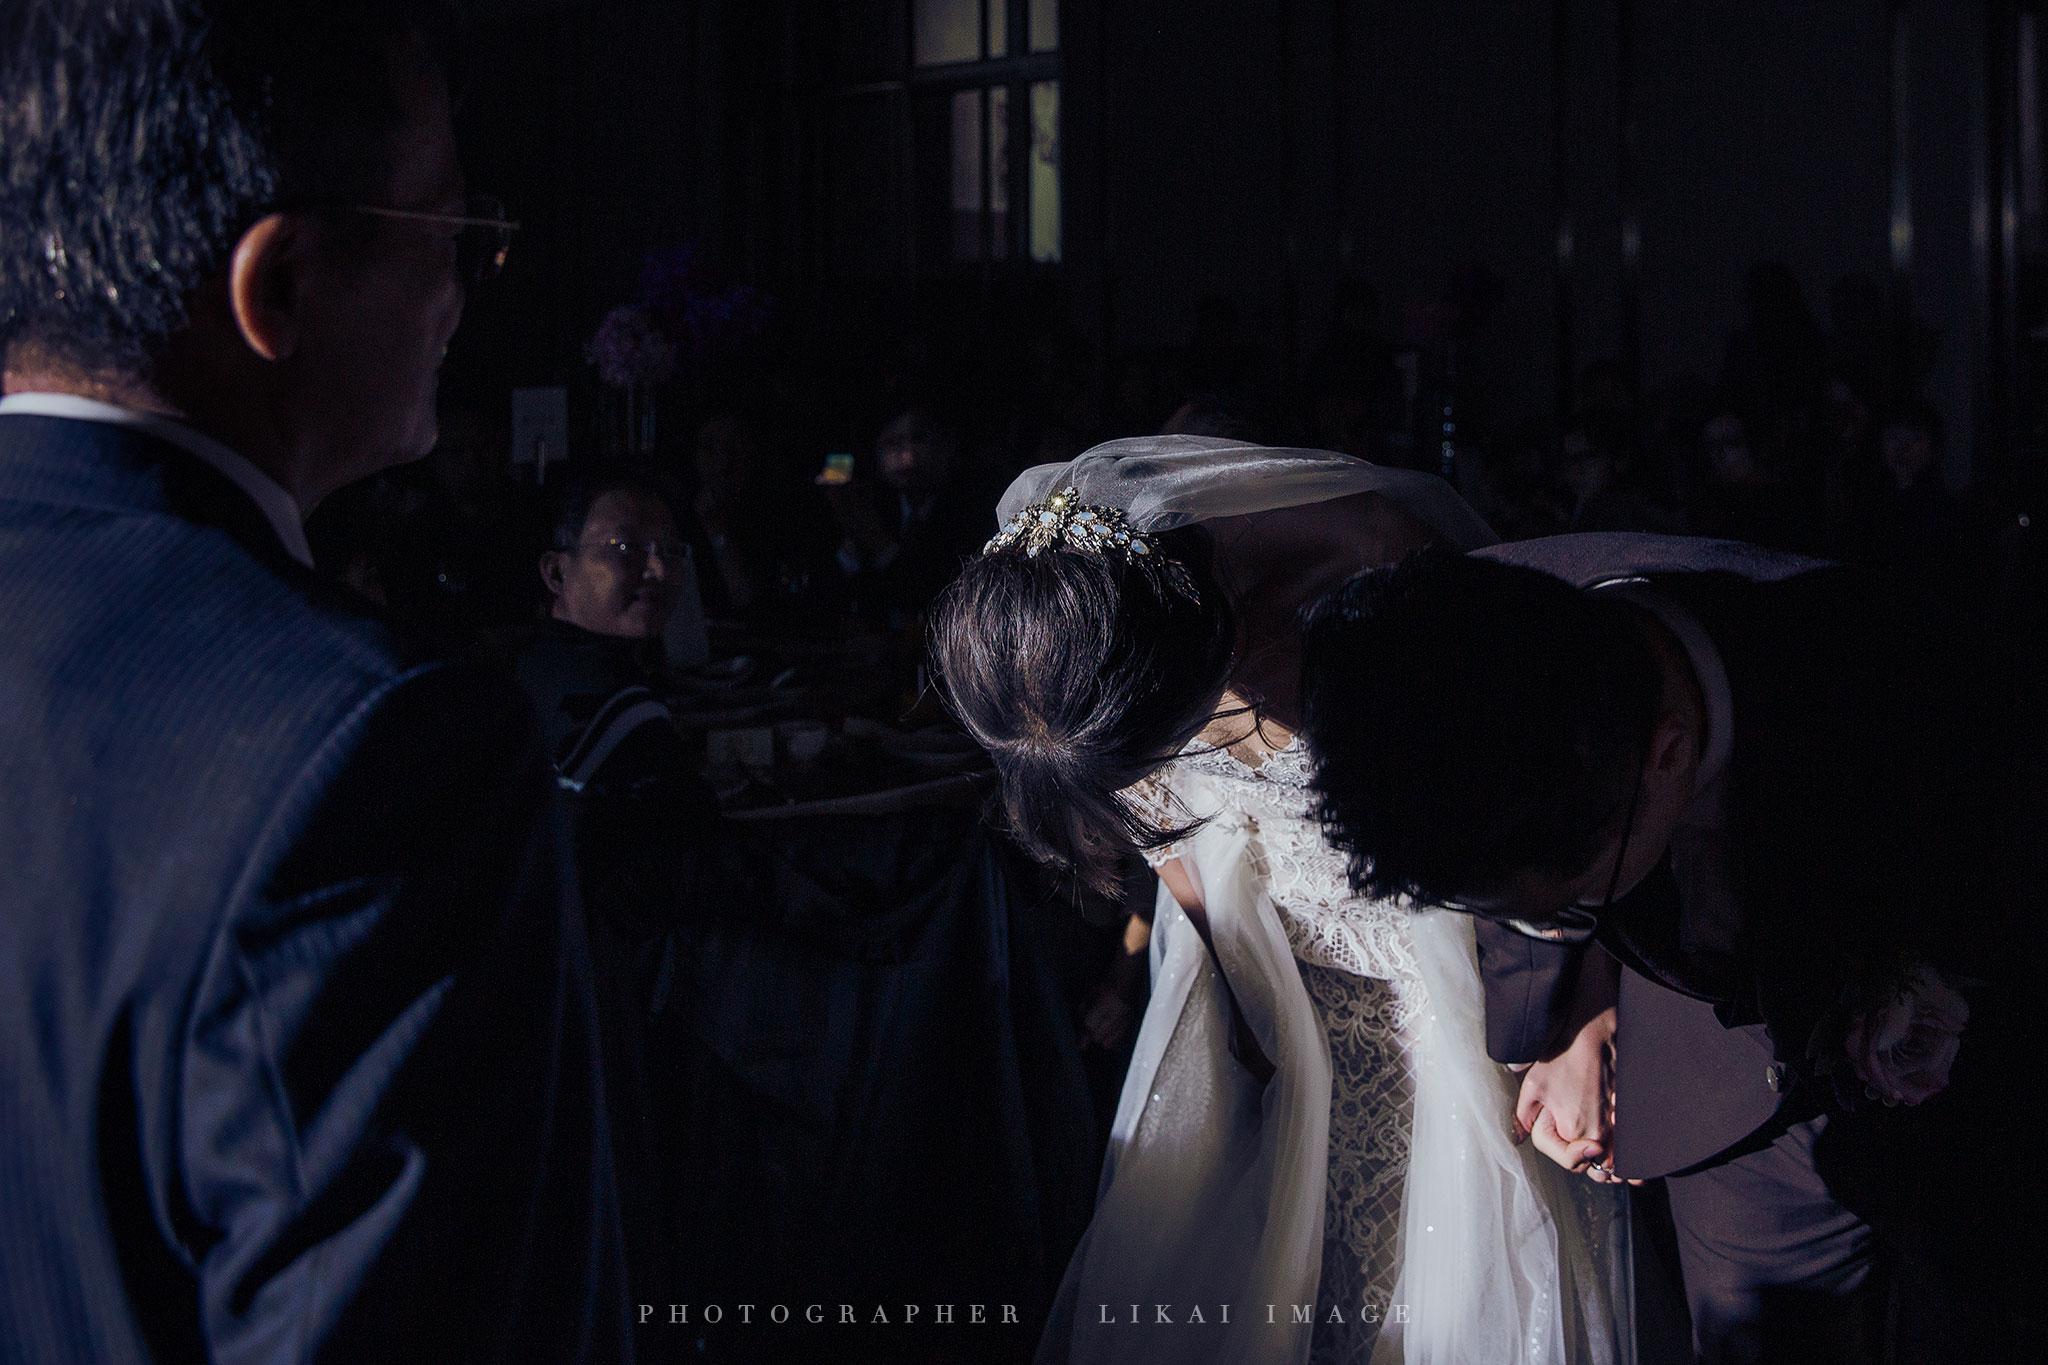 婚禮紀錄 - Miko & Shawn - 萬豪酒店